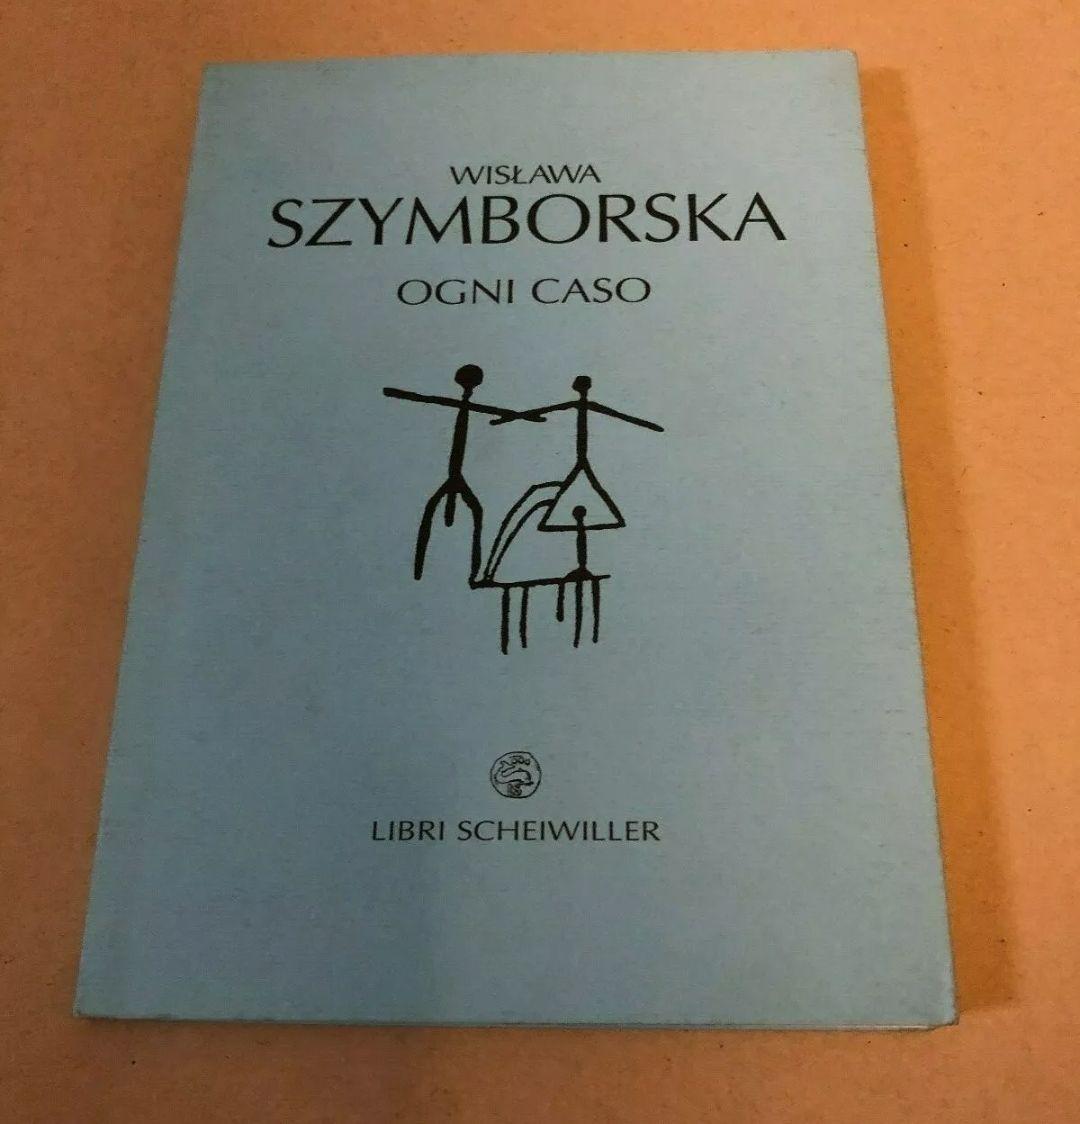 SZYMBORSKA, Ogni caso scheiwiller 2003